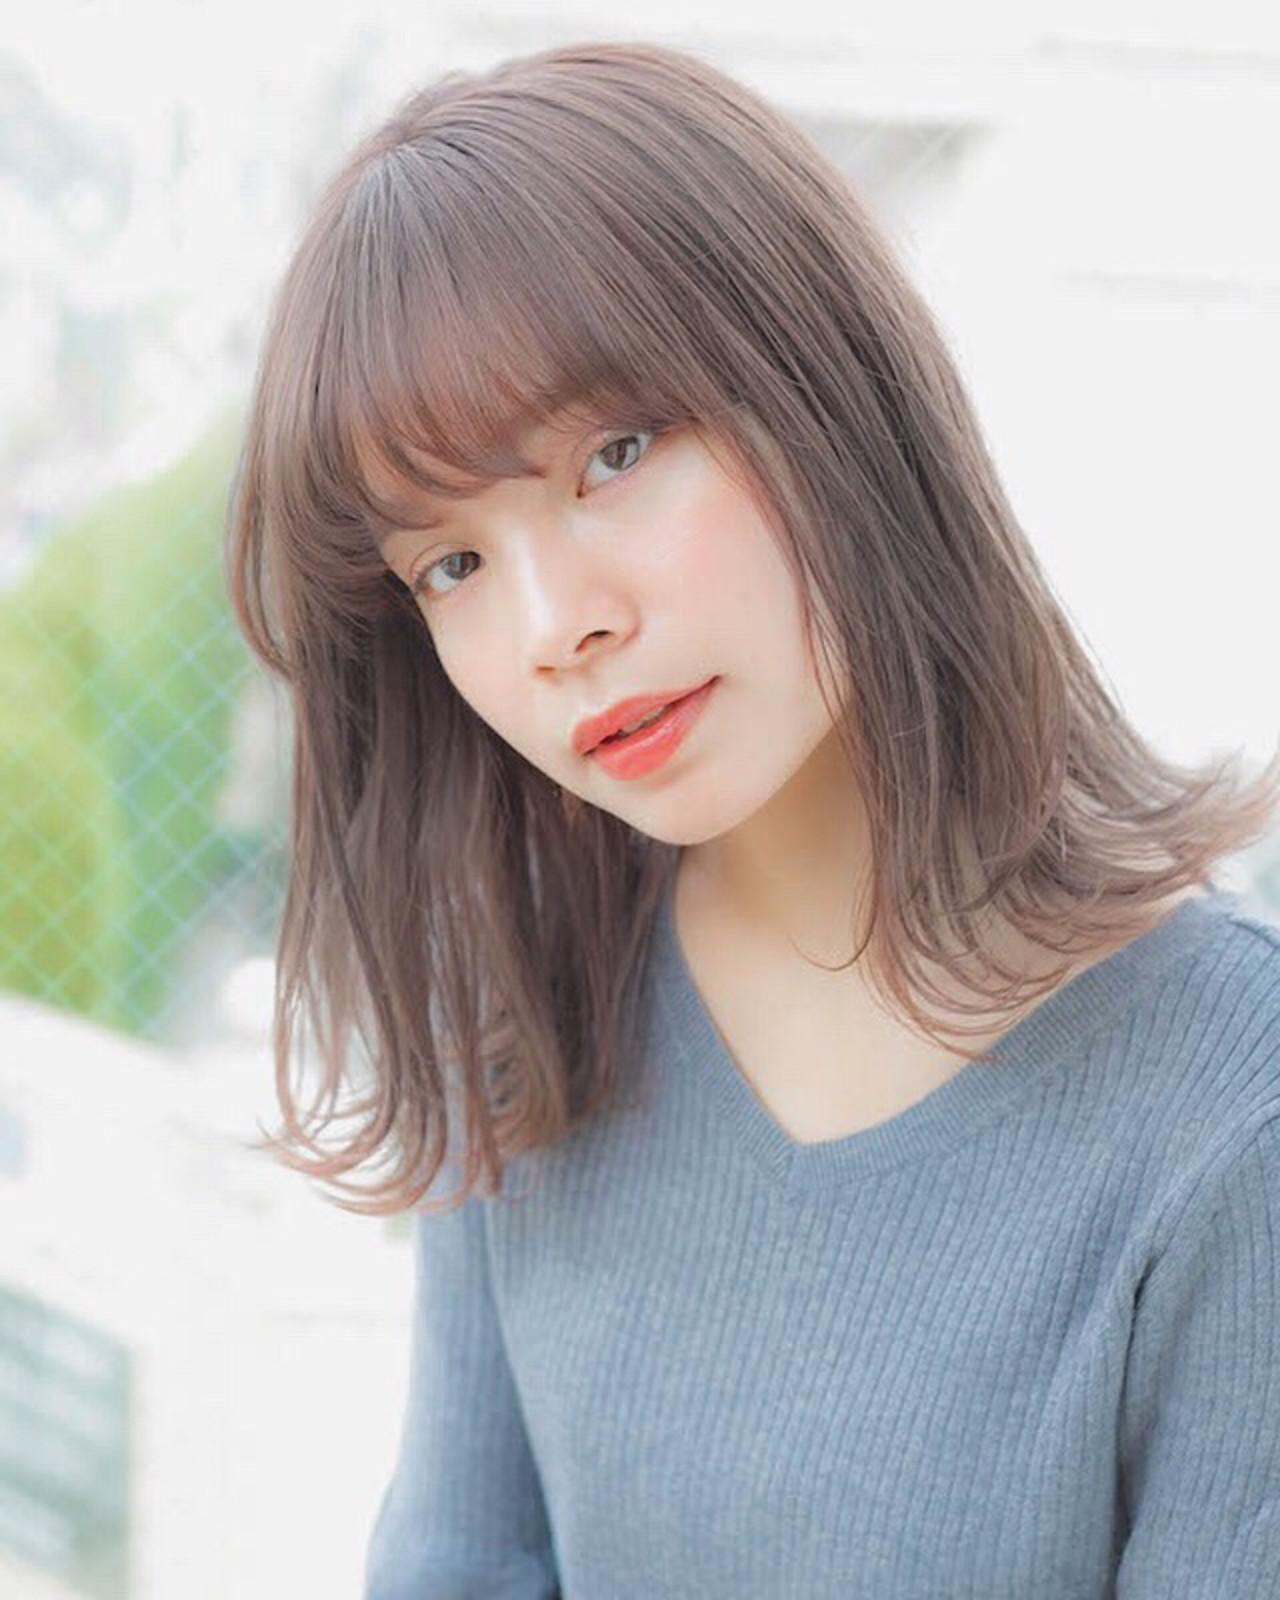 ミディアム 前髪 アンニュイほつれヘア パーマ ヘアスタイルや髪型の写真・画像